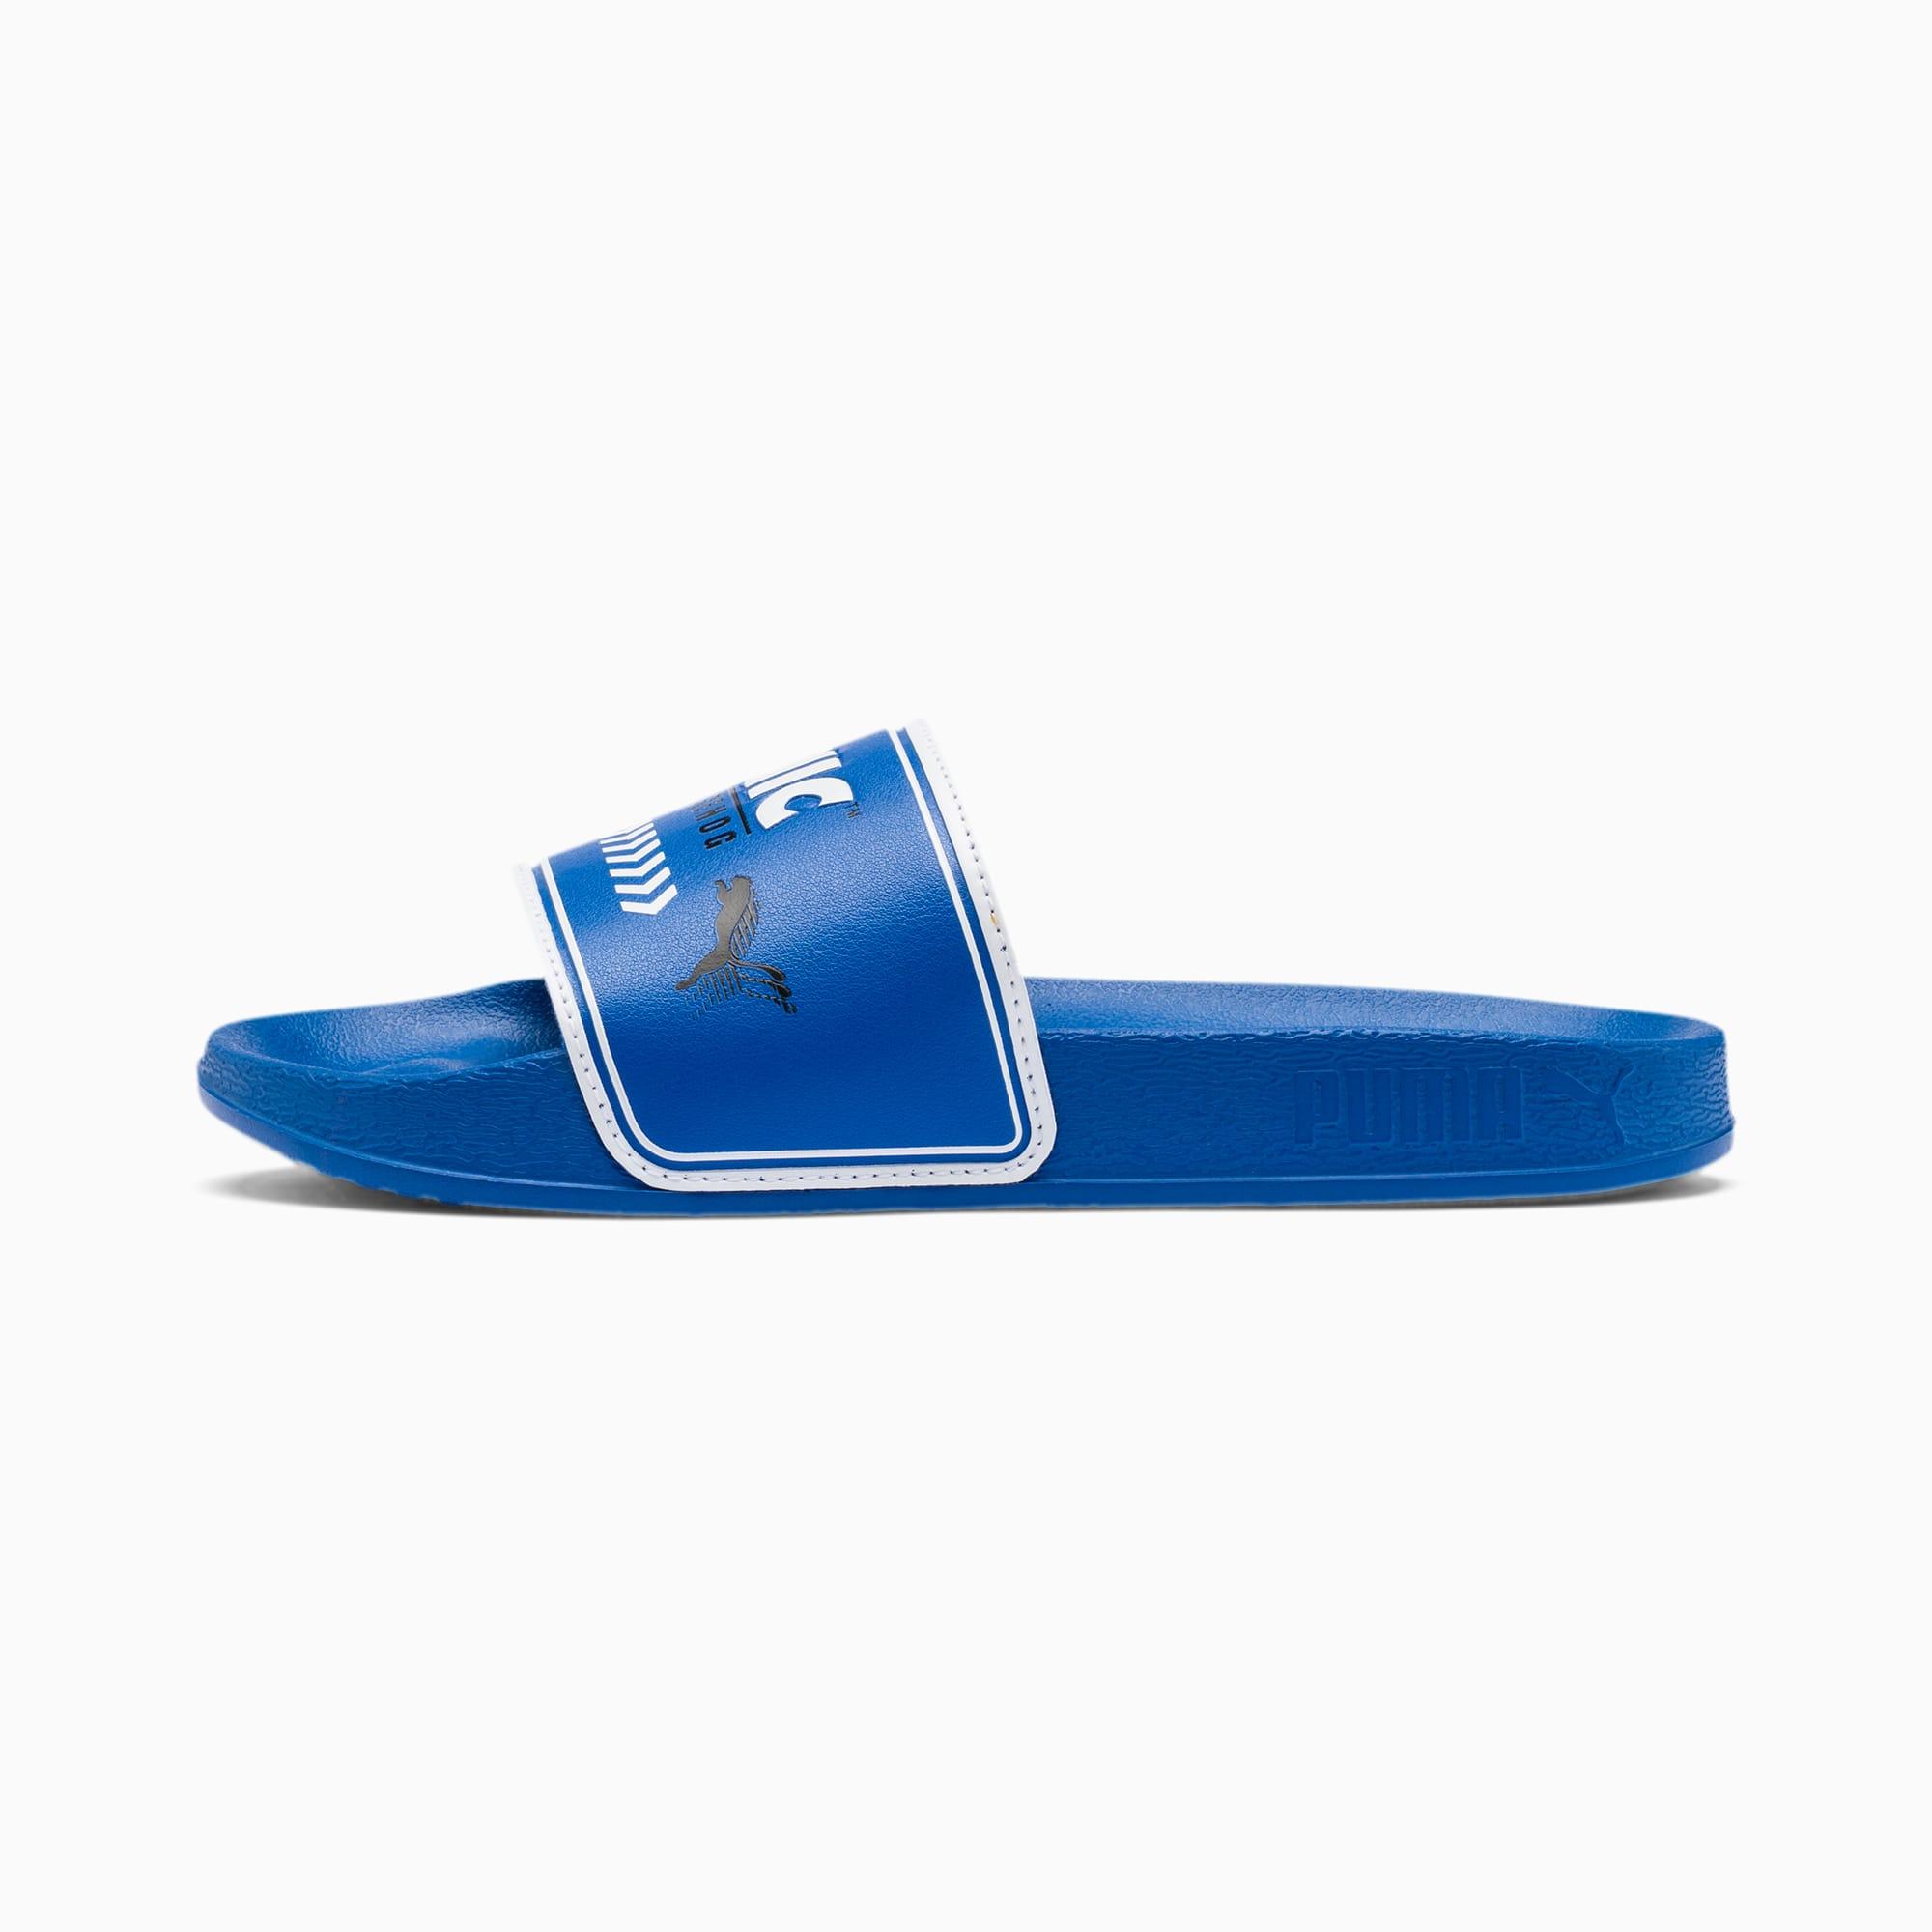 PUMA Sandale PUMA x SONIC Leadcat pour enfant, Bleu/Blanc, Taille 31, Chaussures